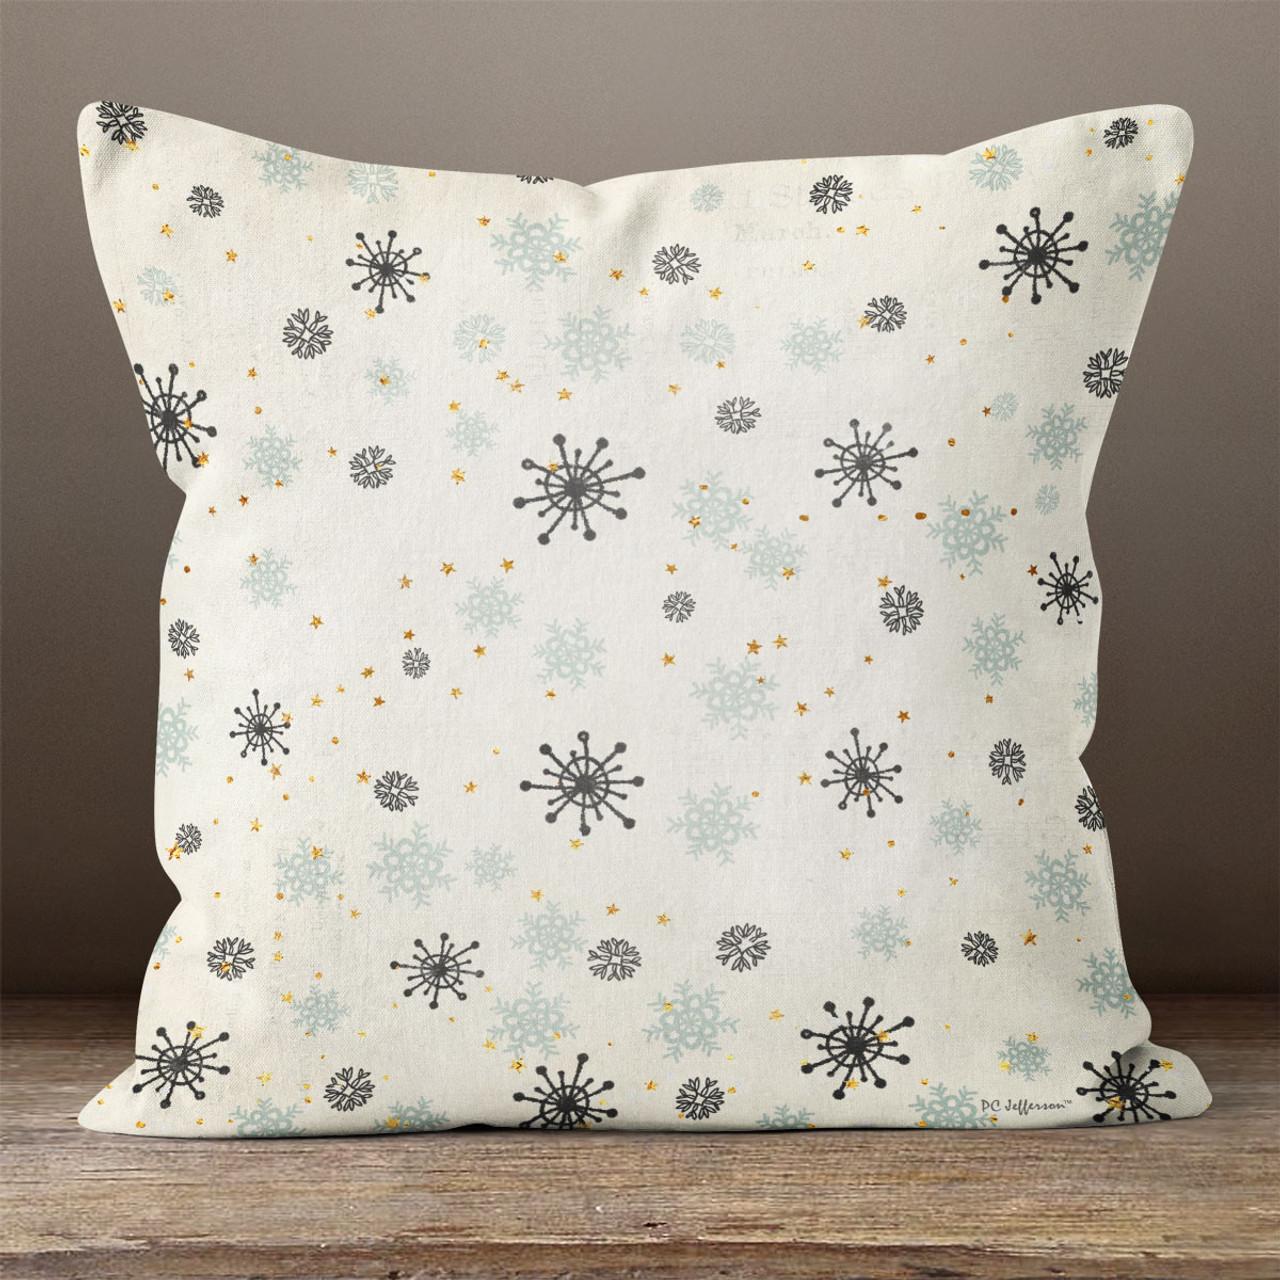 White Neckroll Decorative Pillow : White with Snowflakes Throw Pillow - PillowCubes